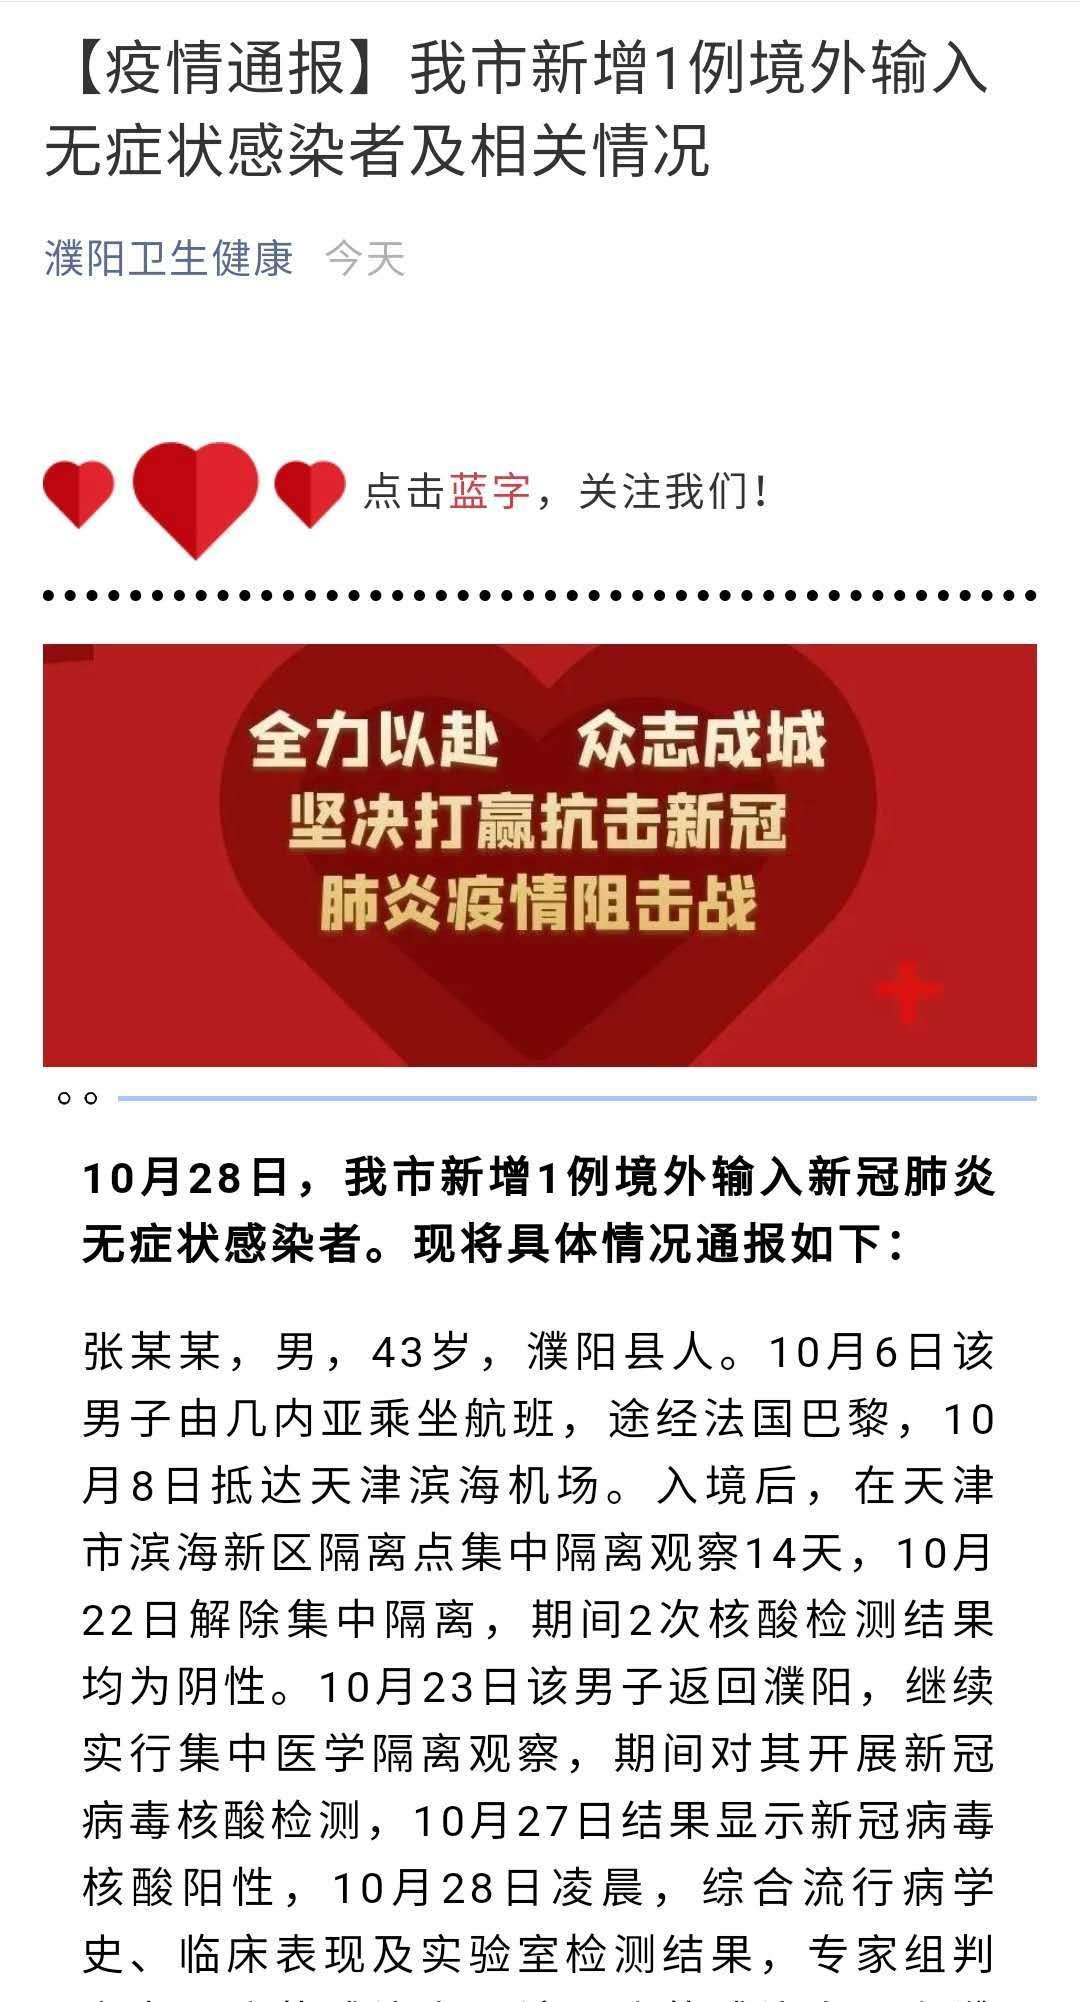 河南濮阳通报新增无症状感染者情况:天津入境隔离期间曾2次检出阴性